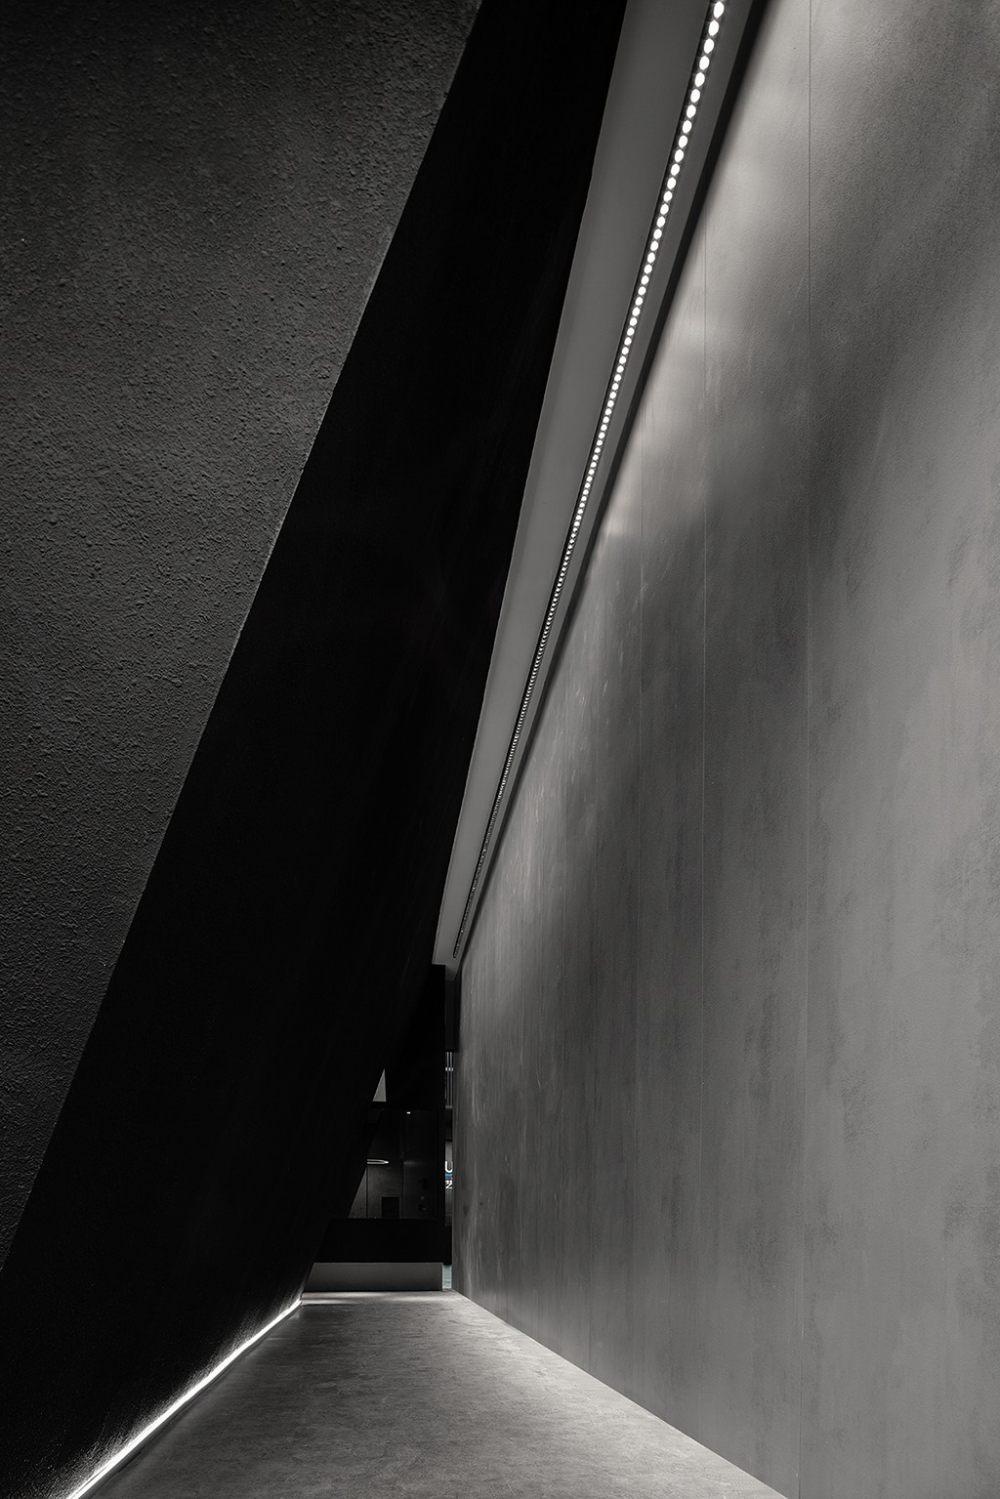 埂上设计丨深城投云端会所:生活与艺术无界融合-69.jpg